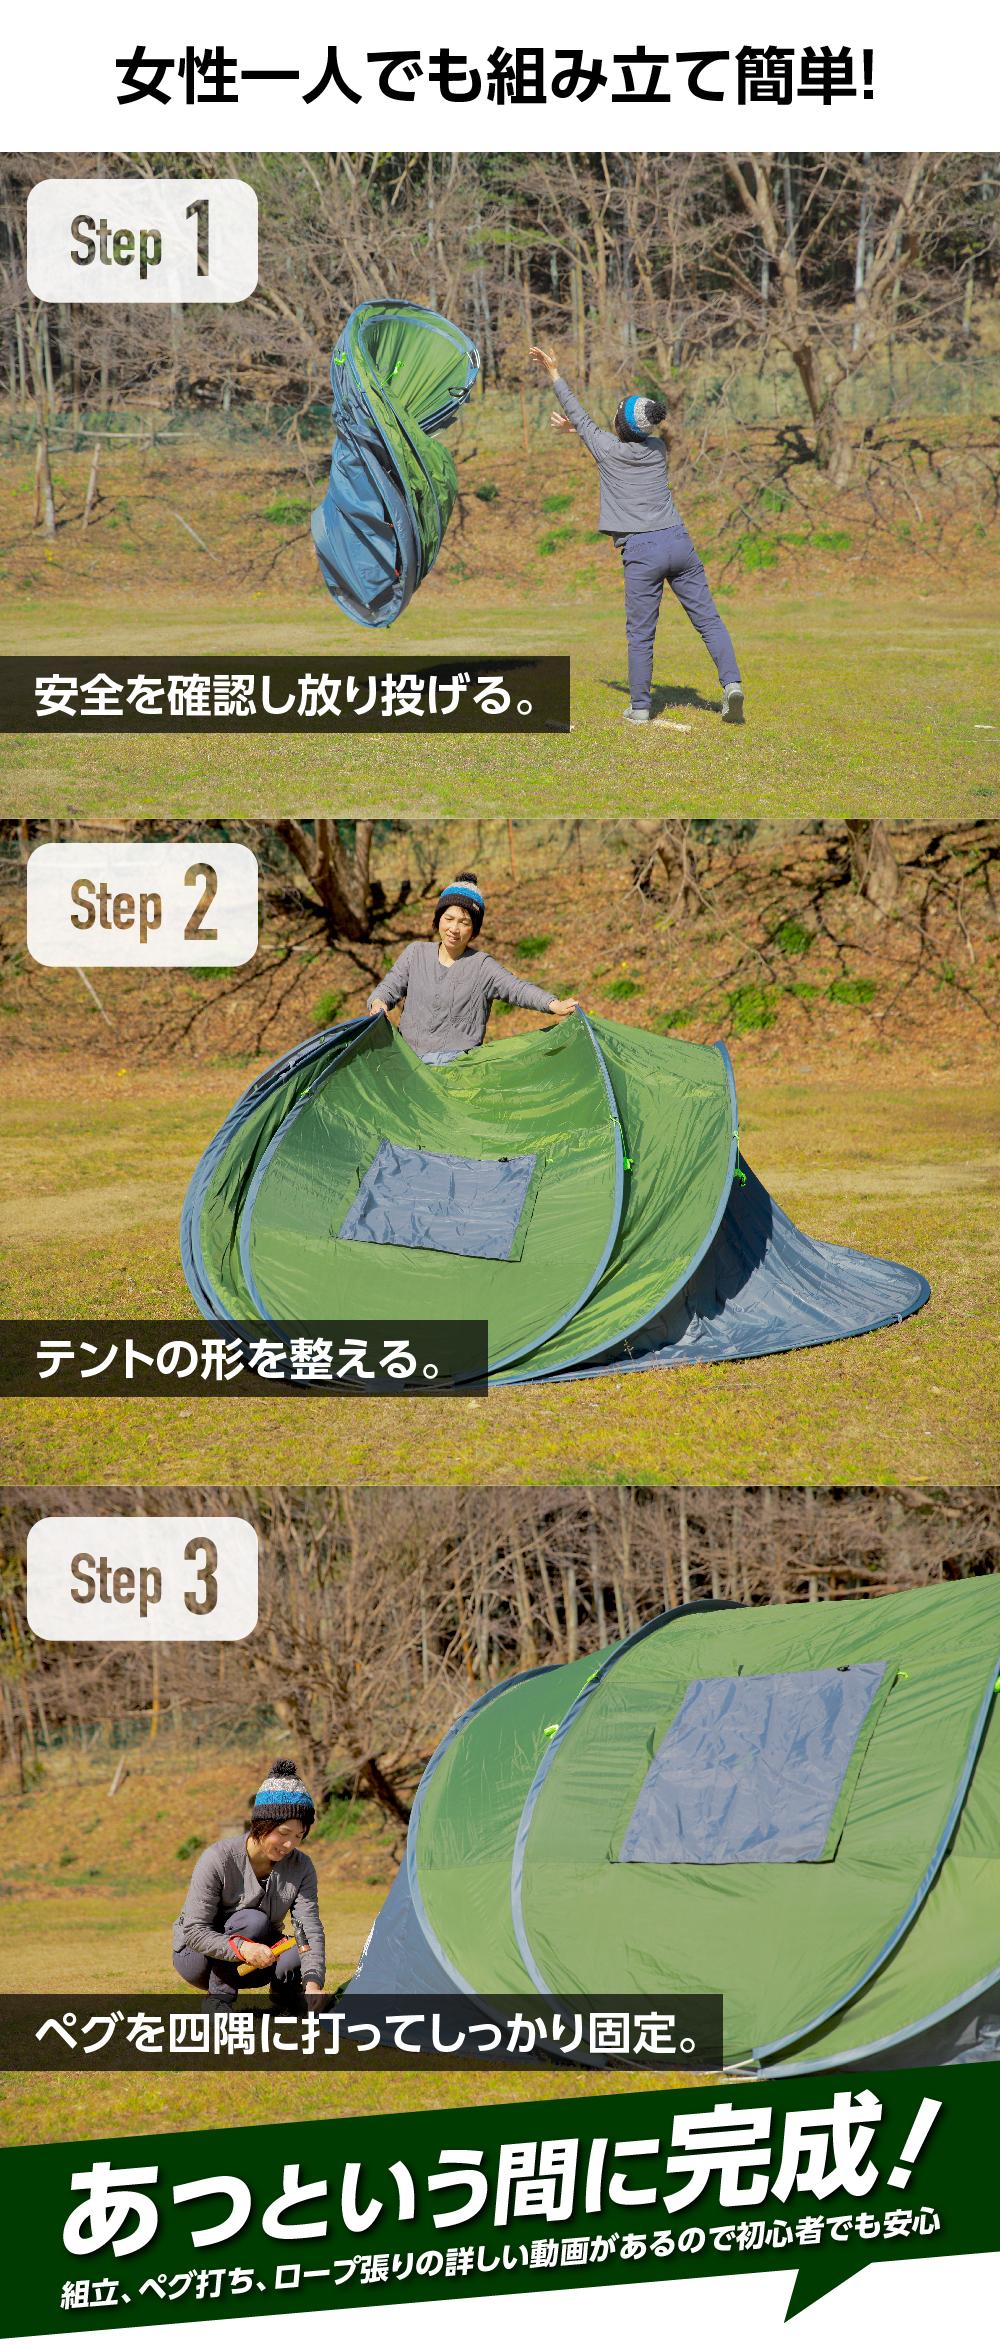 ペグ ロープ 日本語説明書 保証 日本人サポート ワンタッチ